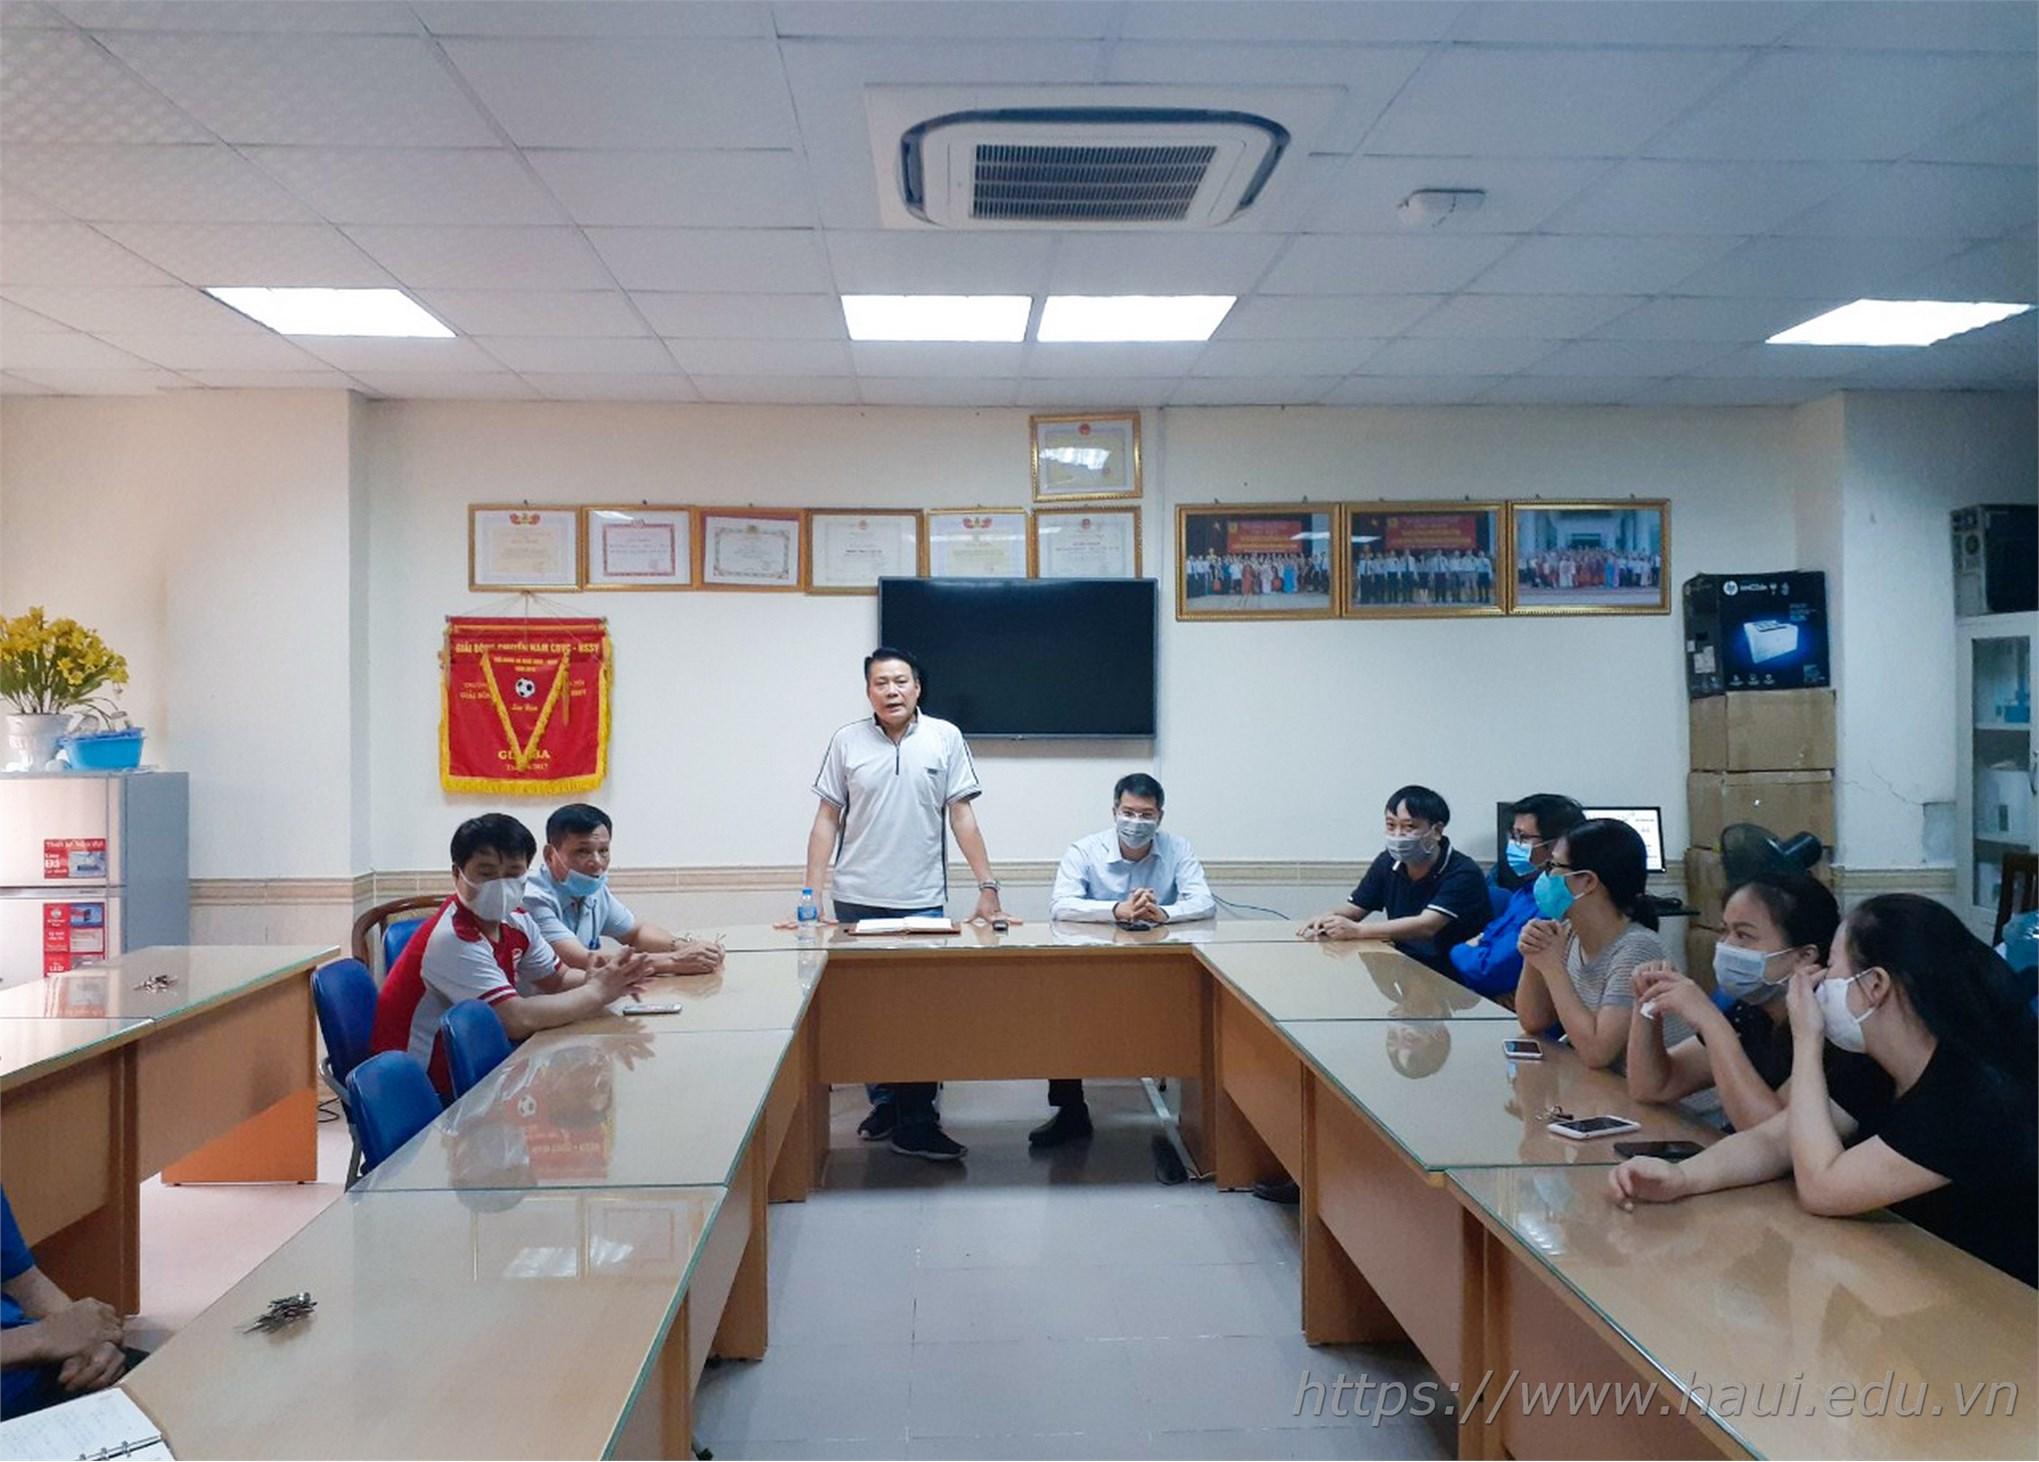 TS. Trần Phúc Hòa - Giám đốc Trung tâm Quản lý Ký túc xá trao đổi với cán bộ, nhân viên và sinh viên về công tác phòng chống dịch COVID-19